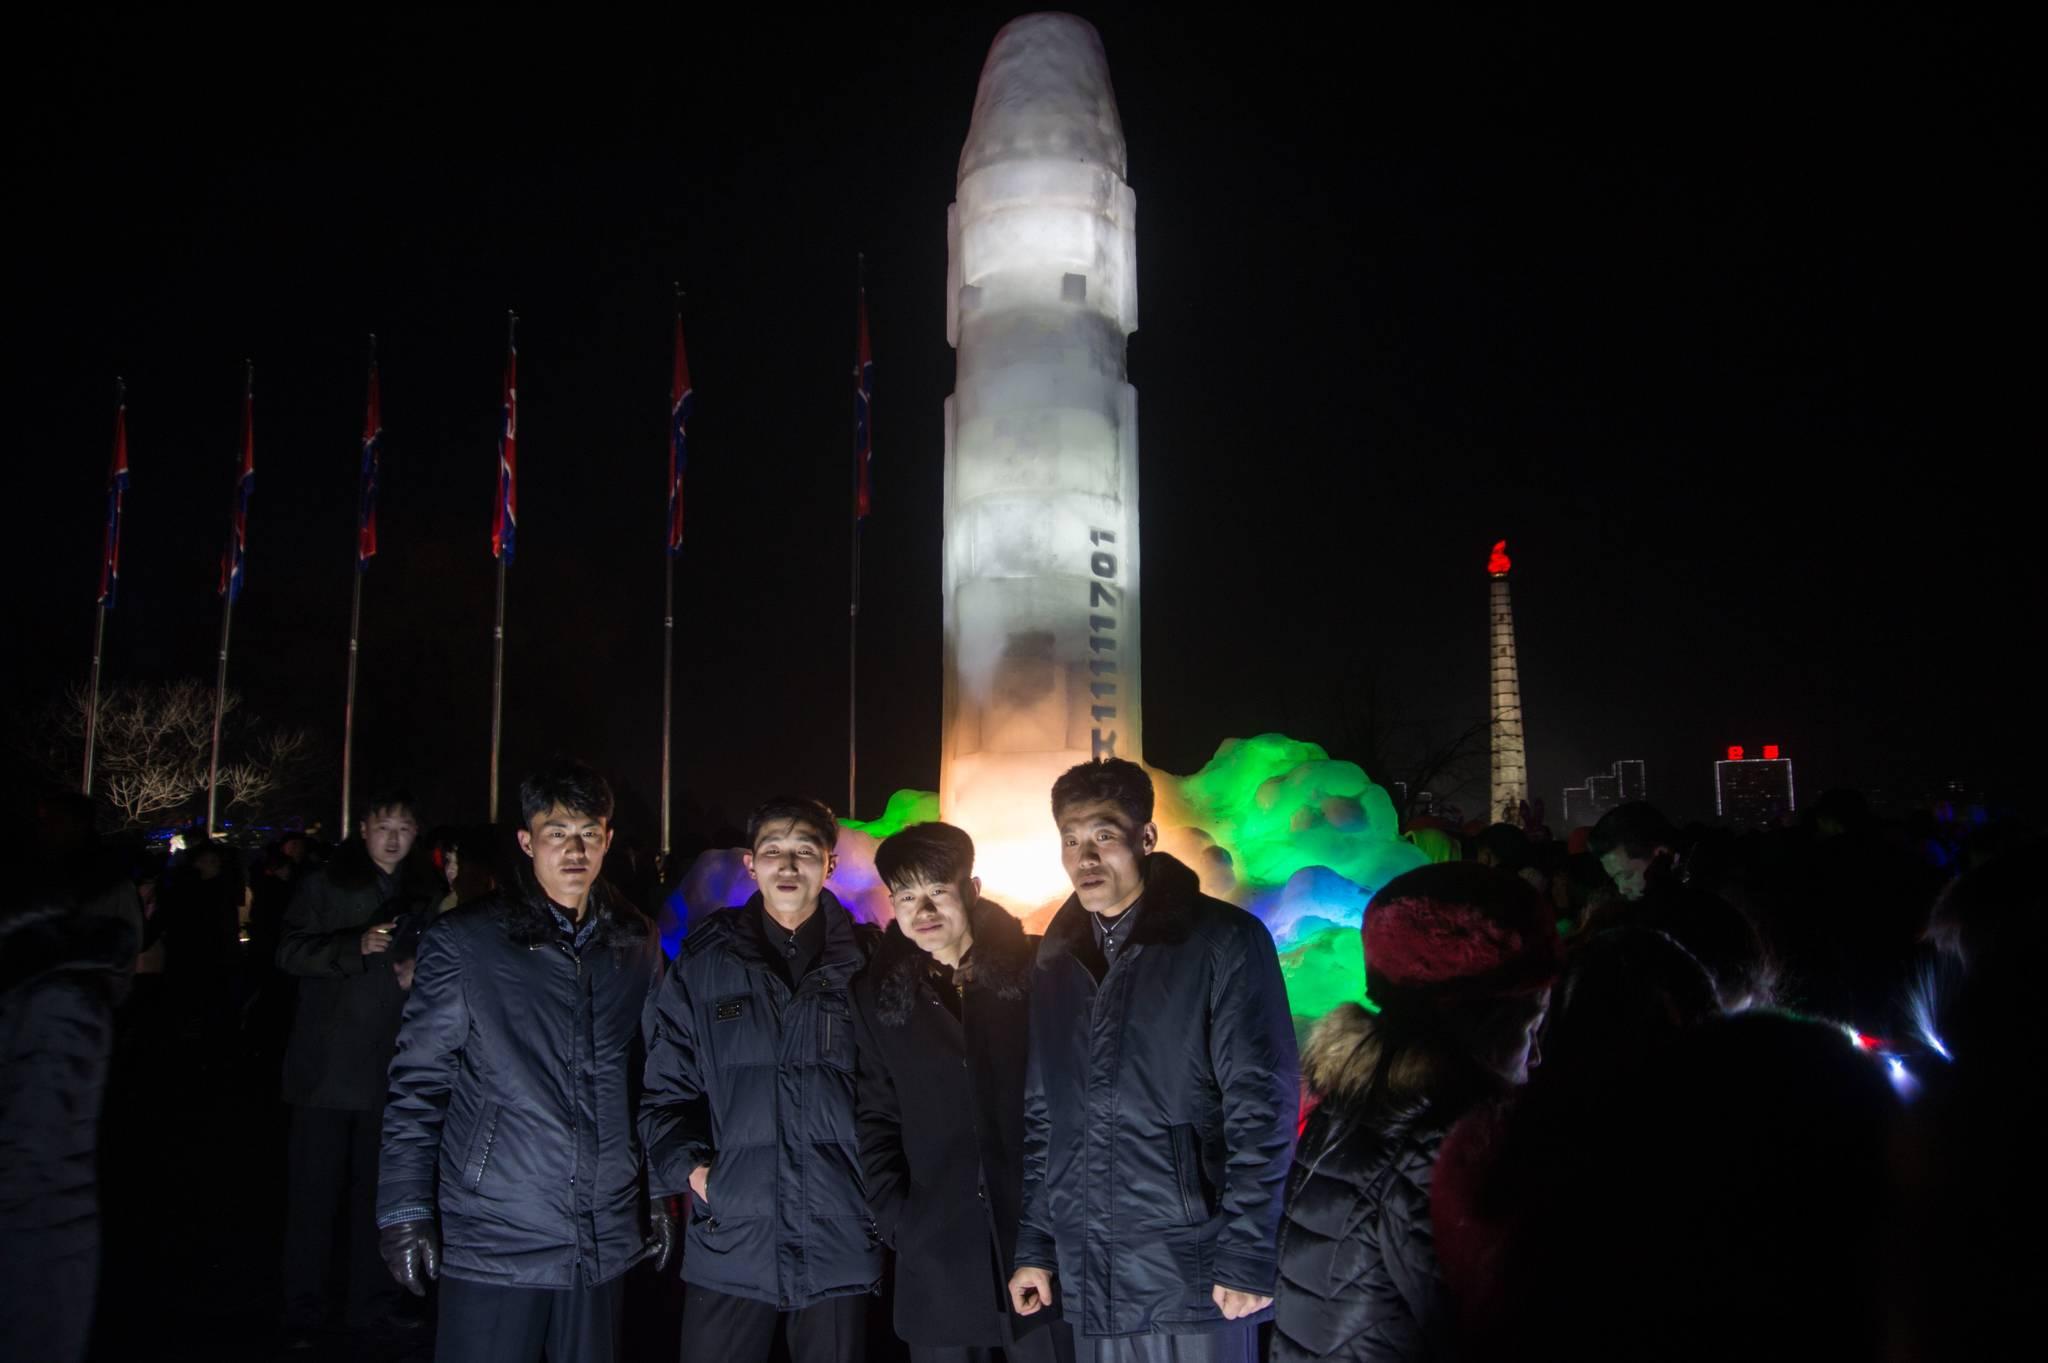 북한 주민들이 지난해 12월 31일 새해를 맞아 김일성광장에서 열리고 있는 평양 얼음조각 축제장을 방문해 얼음으로 조각된 대륙간탄도미사일(ICBM) 화성-15형 등을 관람하고 있다. [AFP=연합뉴스